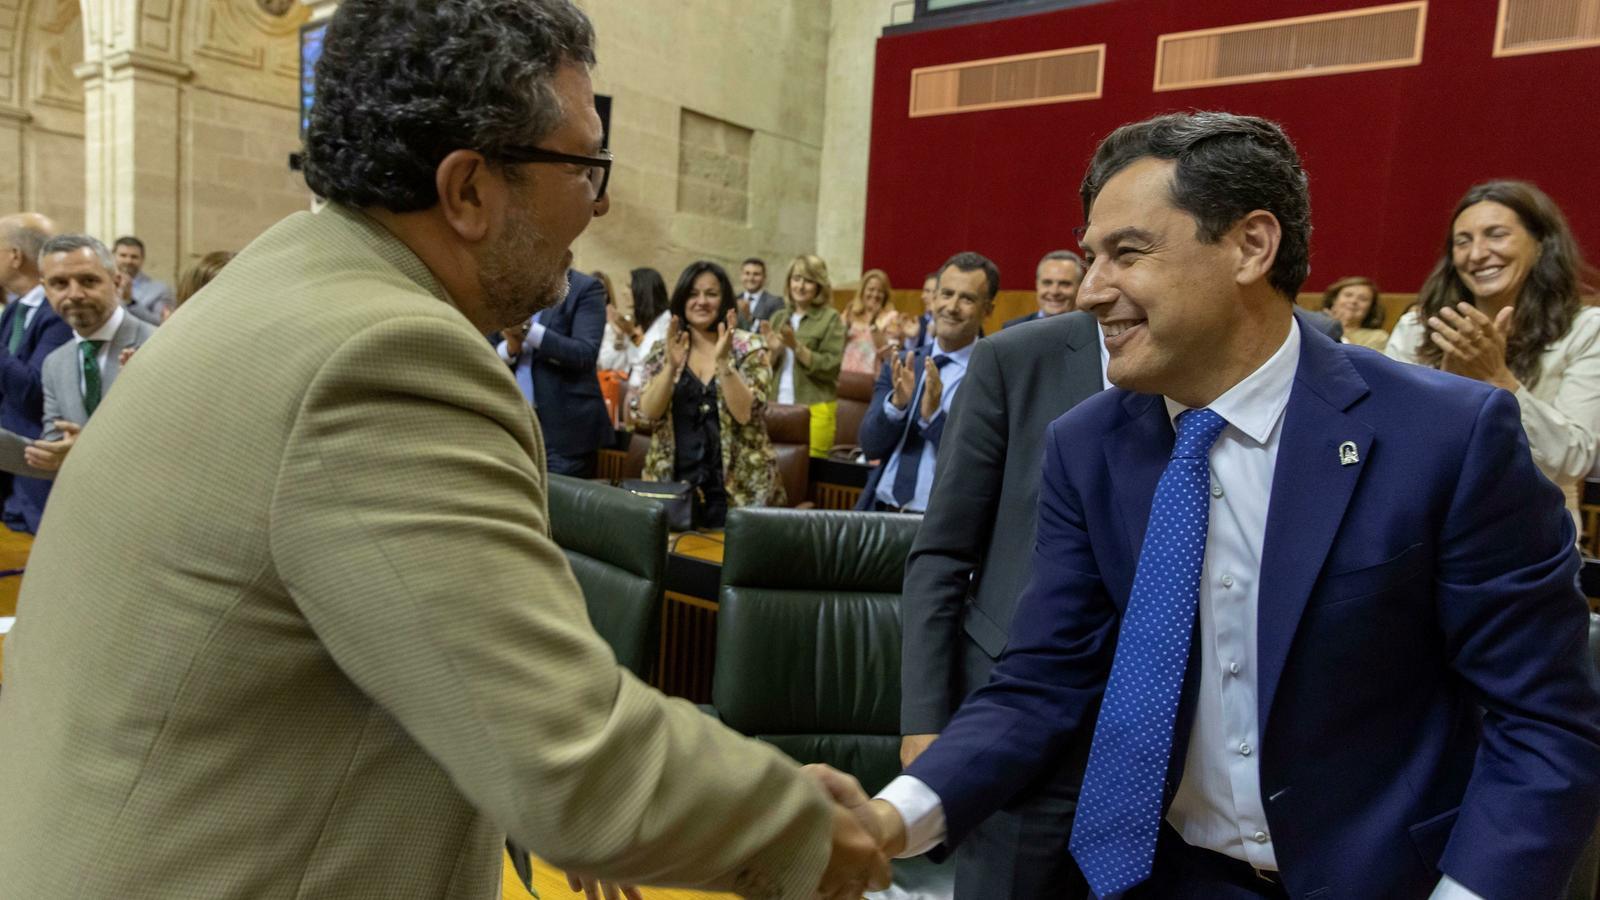 El president andalús, Juanma Moreno, i el president del grup parlamentari de Vox, Francisco Serrano, es donen la mà simbolitzant el pacte